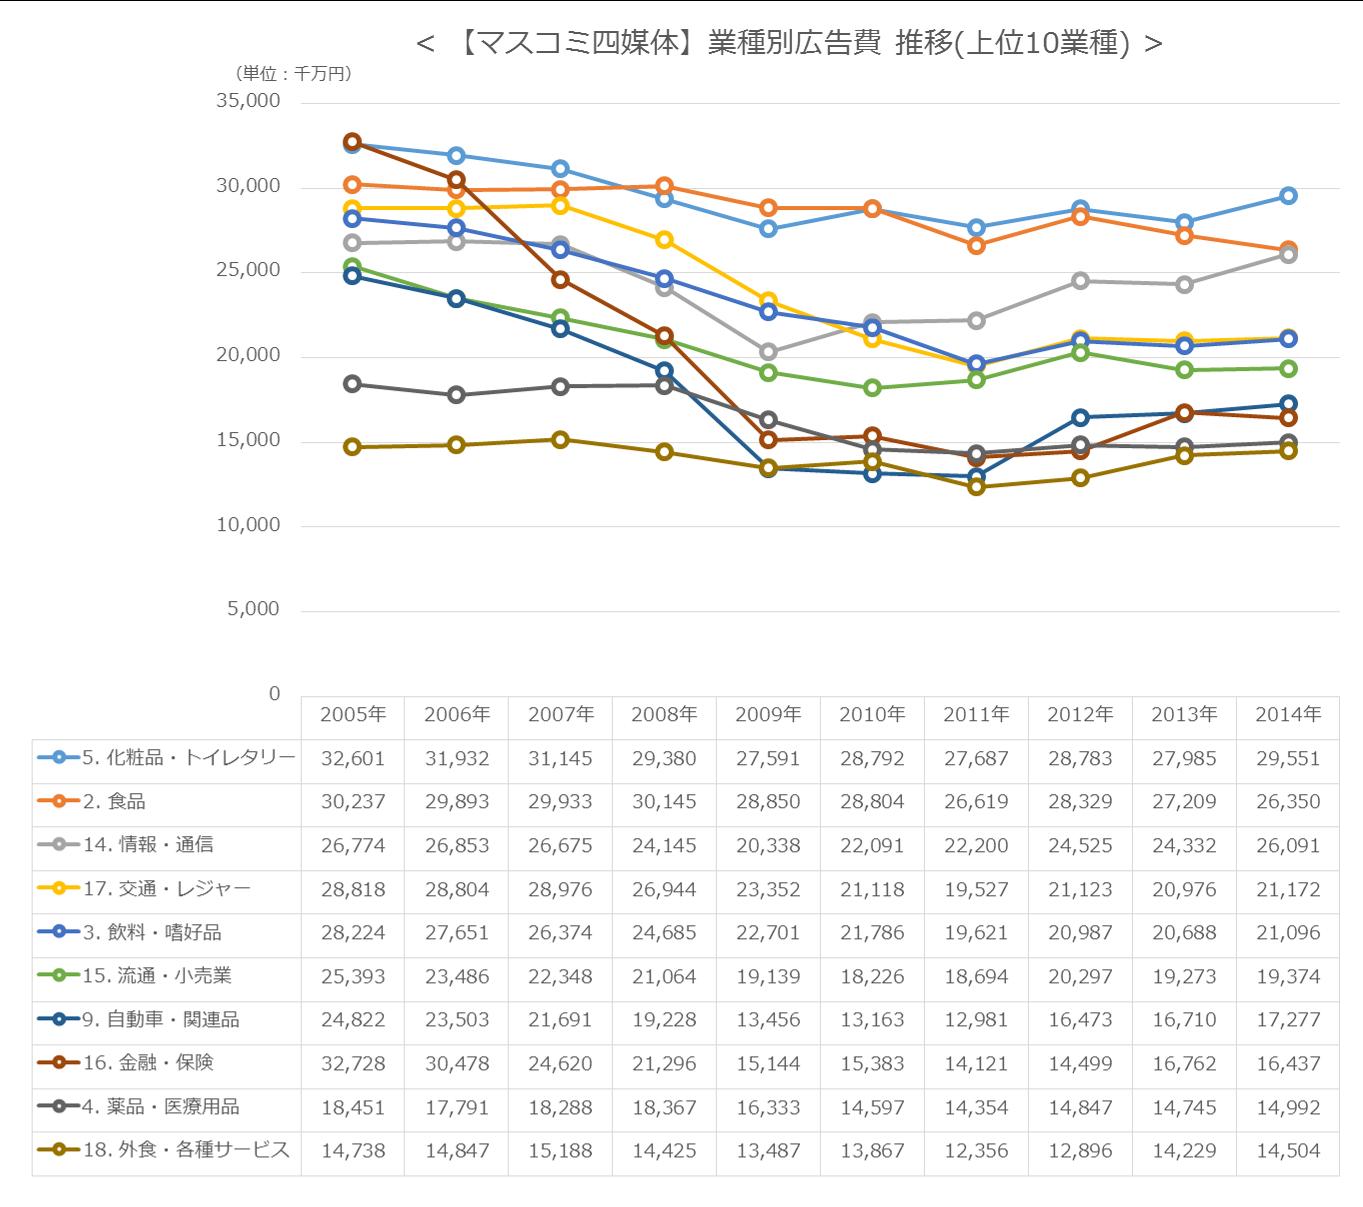 【マスコミ四媒体】業種別広告費 推移(上位10業種)